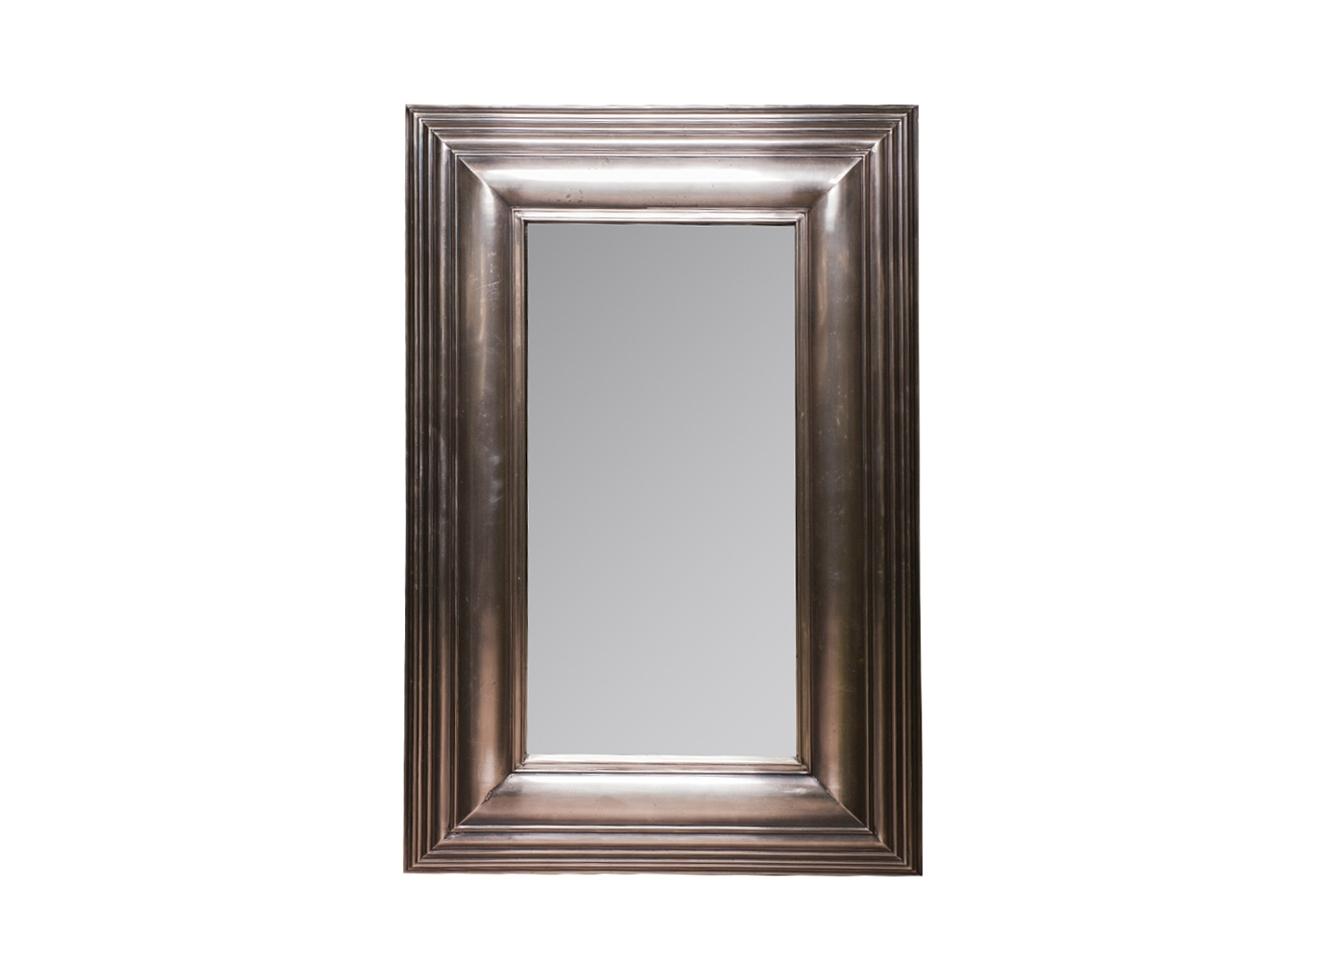 Зеркало ЛевинНастенные зеркала<br>Амальгама зеркала выполнена из натурального серебра, что создает эффект благородной старины.<br><br>Material: Металл<br>Ширина см: 66<br>Высота см: 101<br>Глубина см: 5